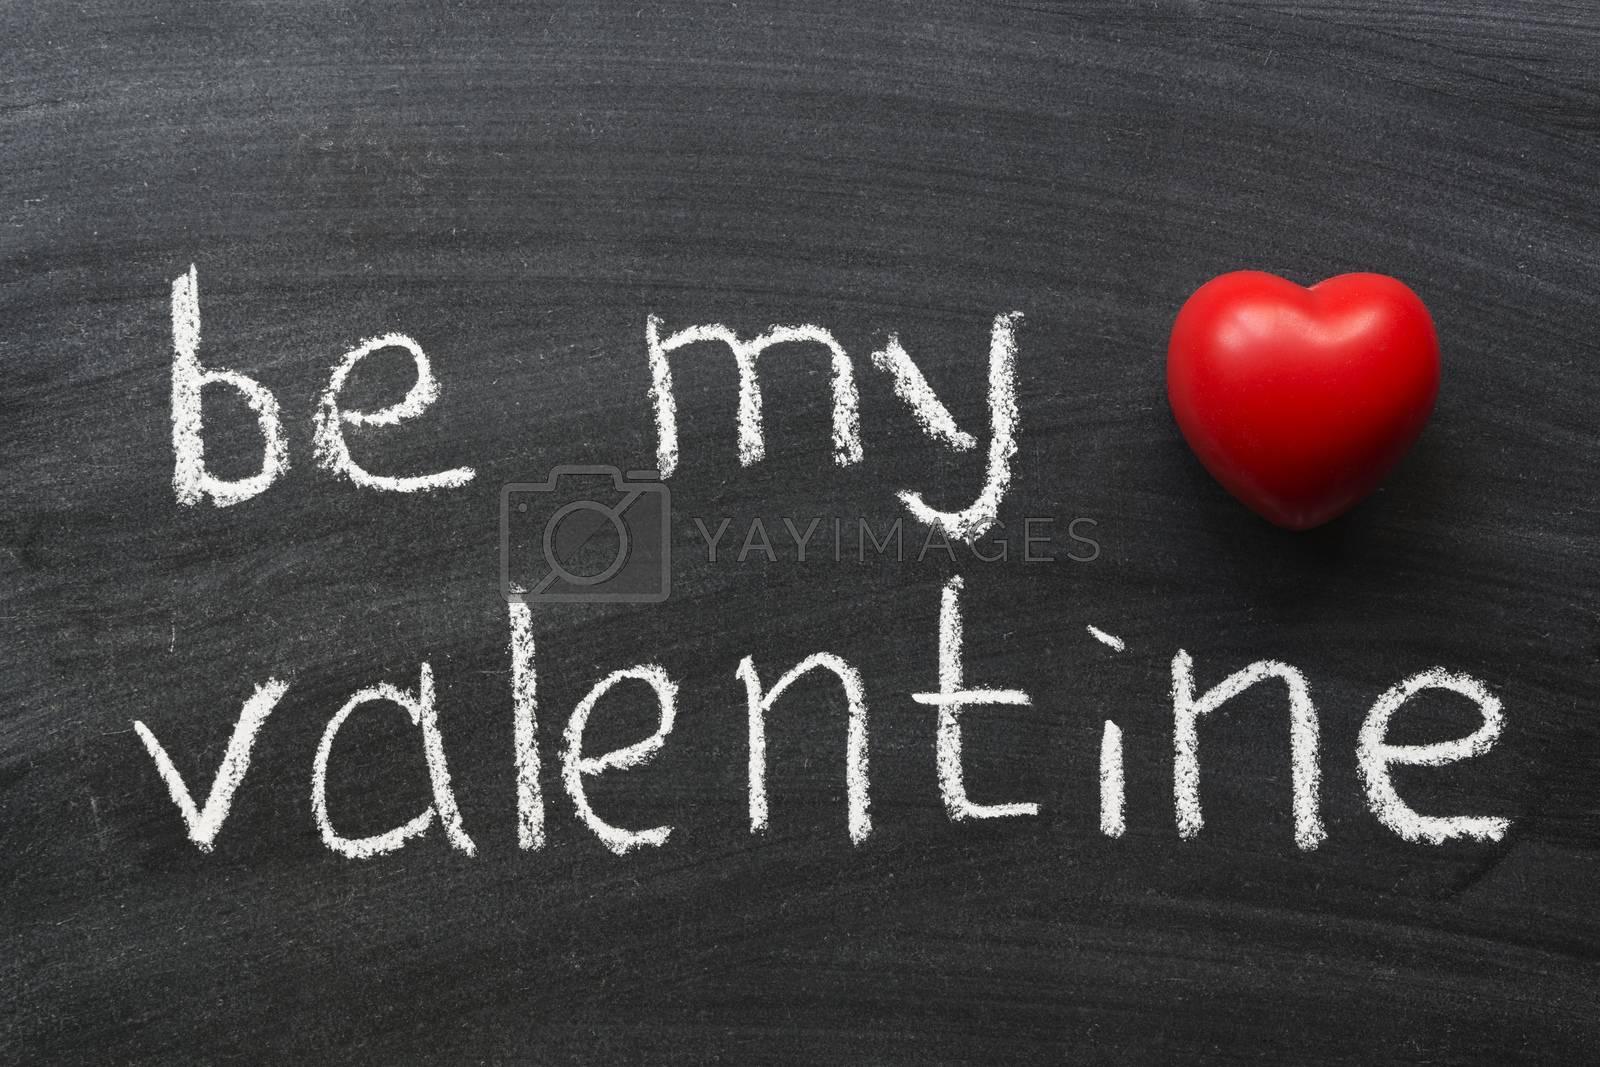 be my valentine phrase handwritten on school blackboard